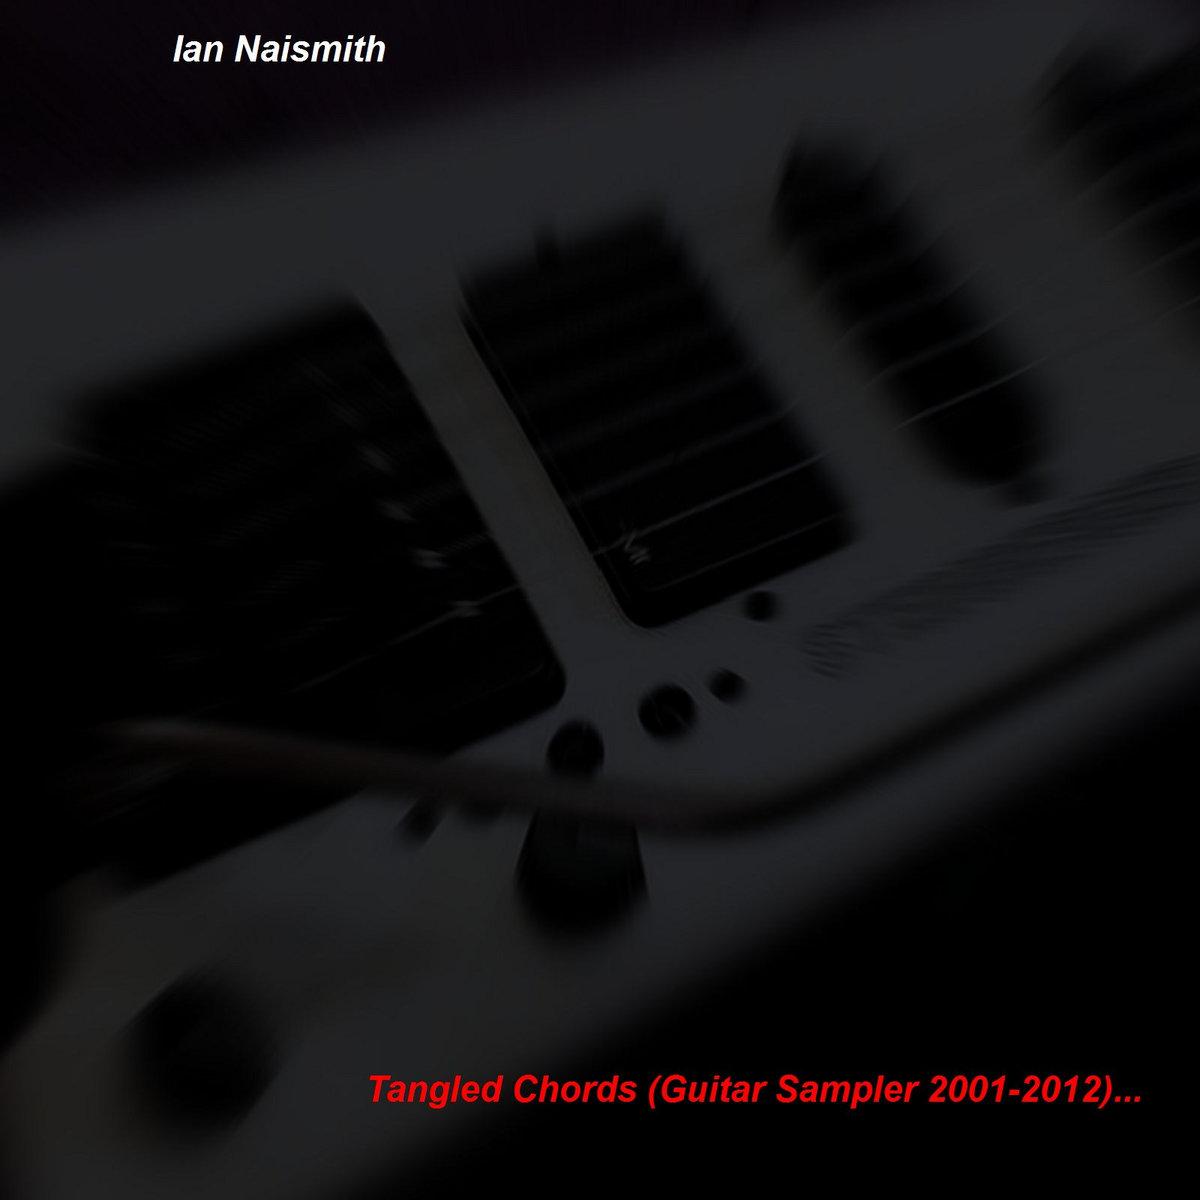 Tangled Chords Guitar Sampler 2001 2012 Ian Naismith